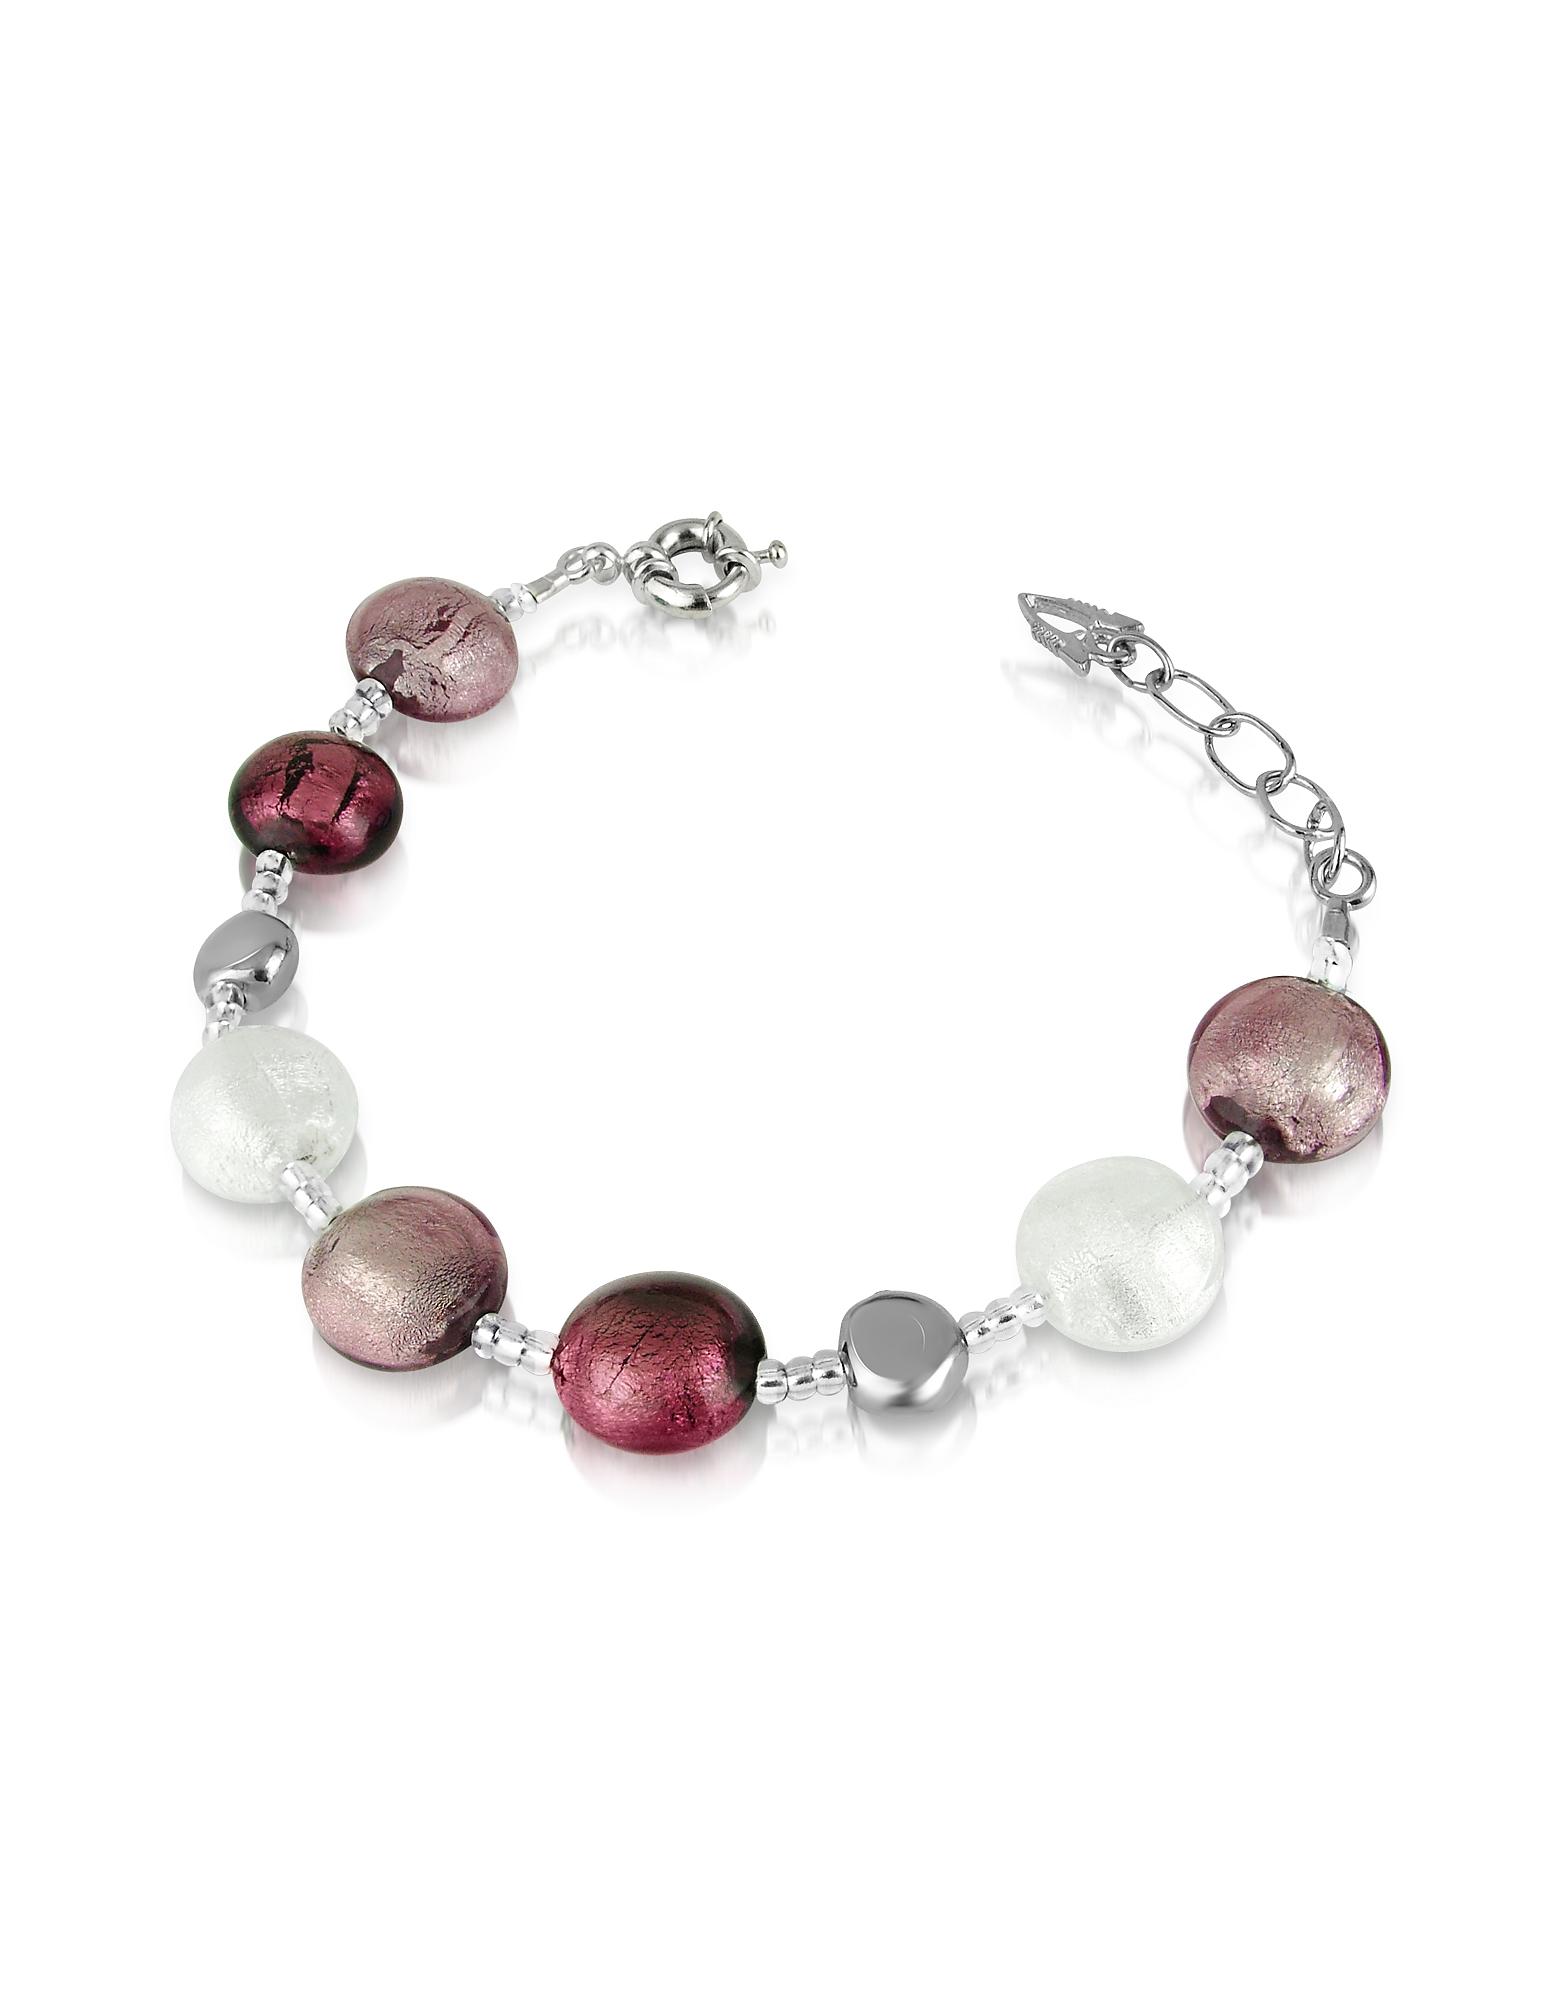 Image of Antica Murrina Designer Bracelets, Frida - Murano Glass Bead Bracelet